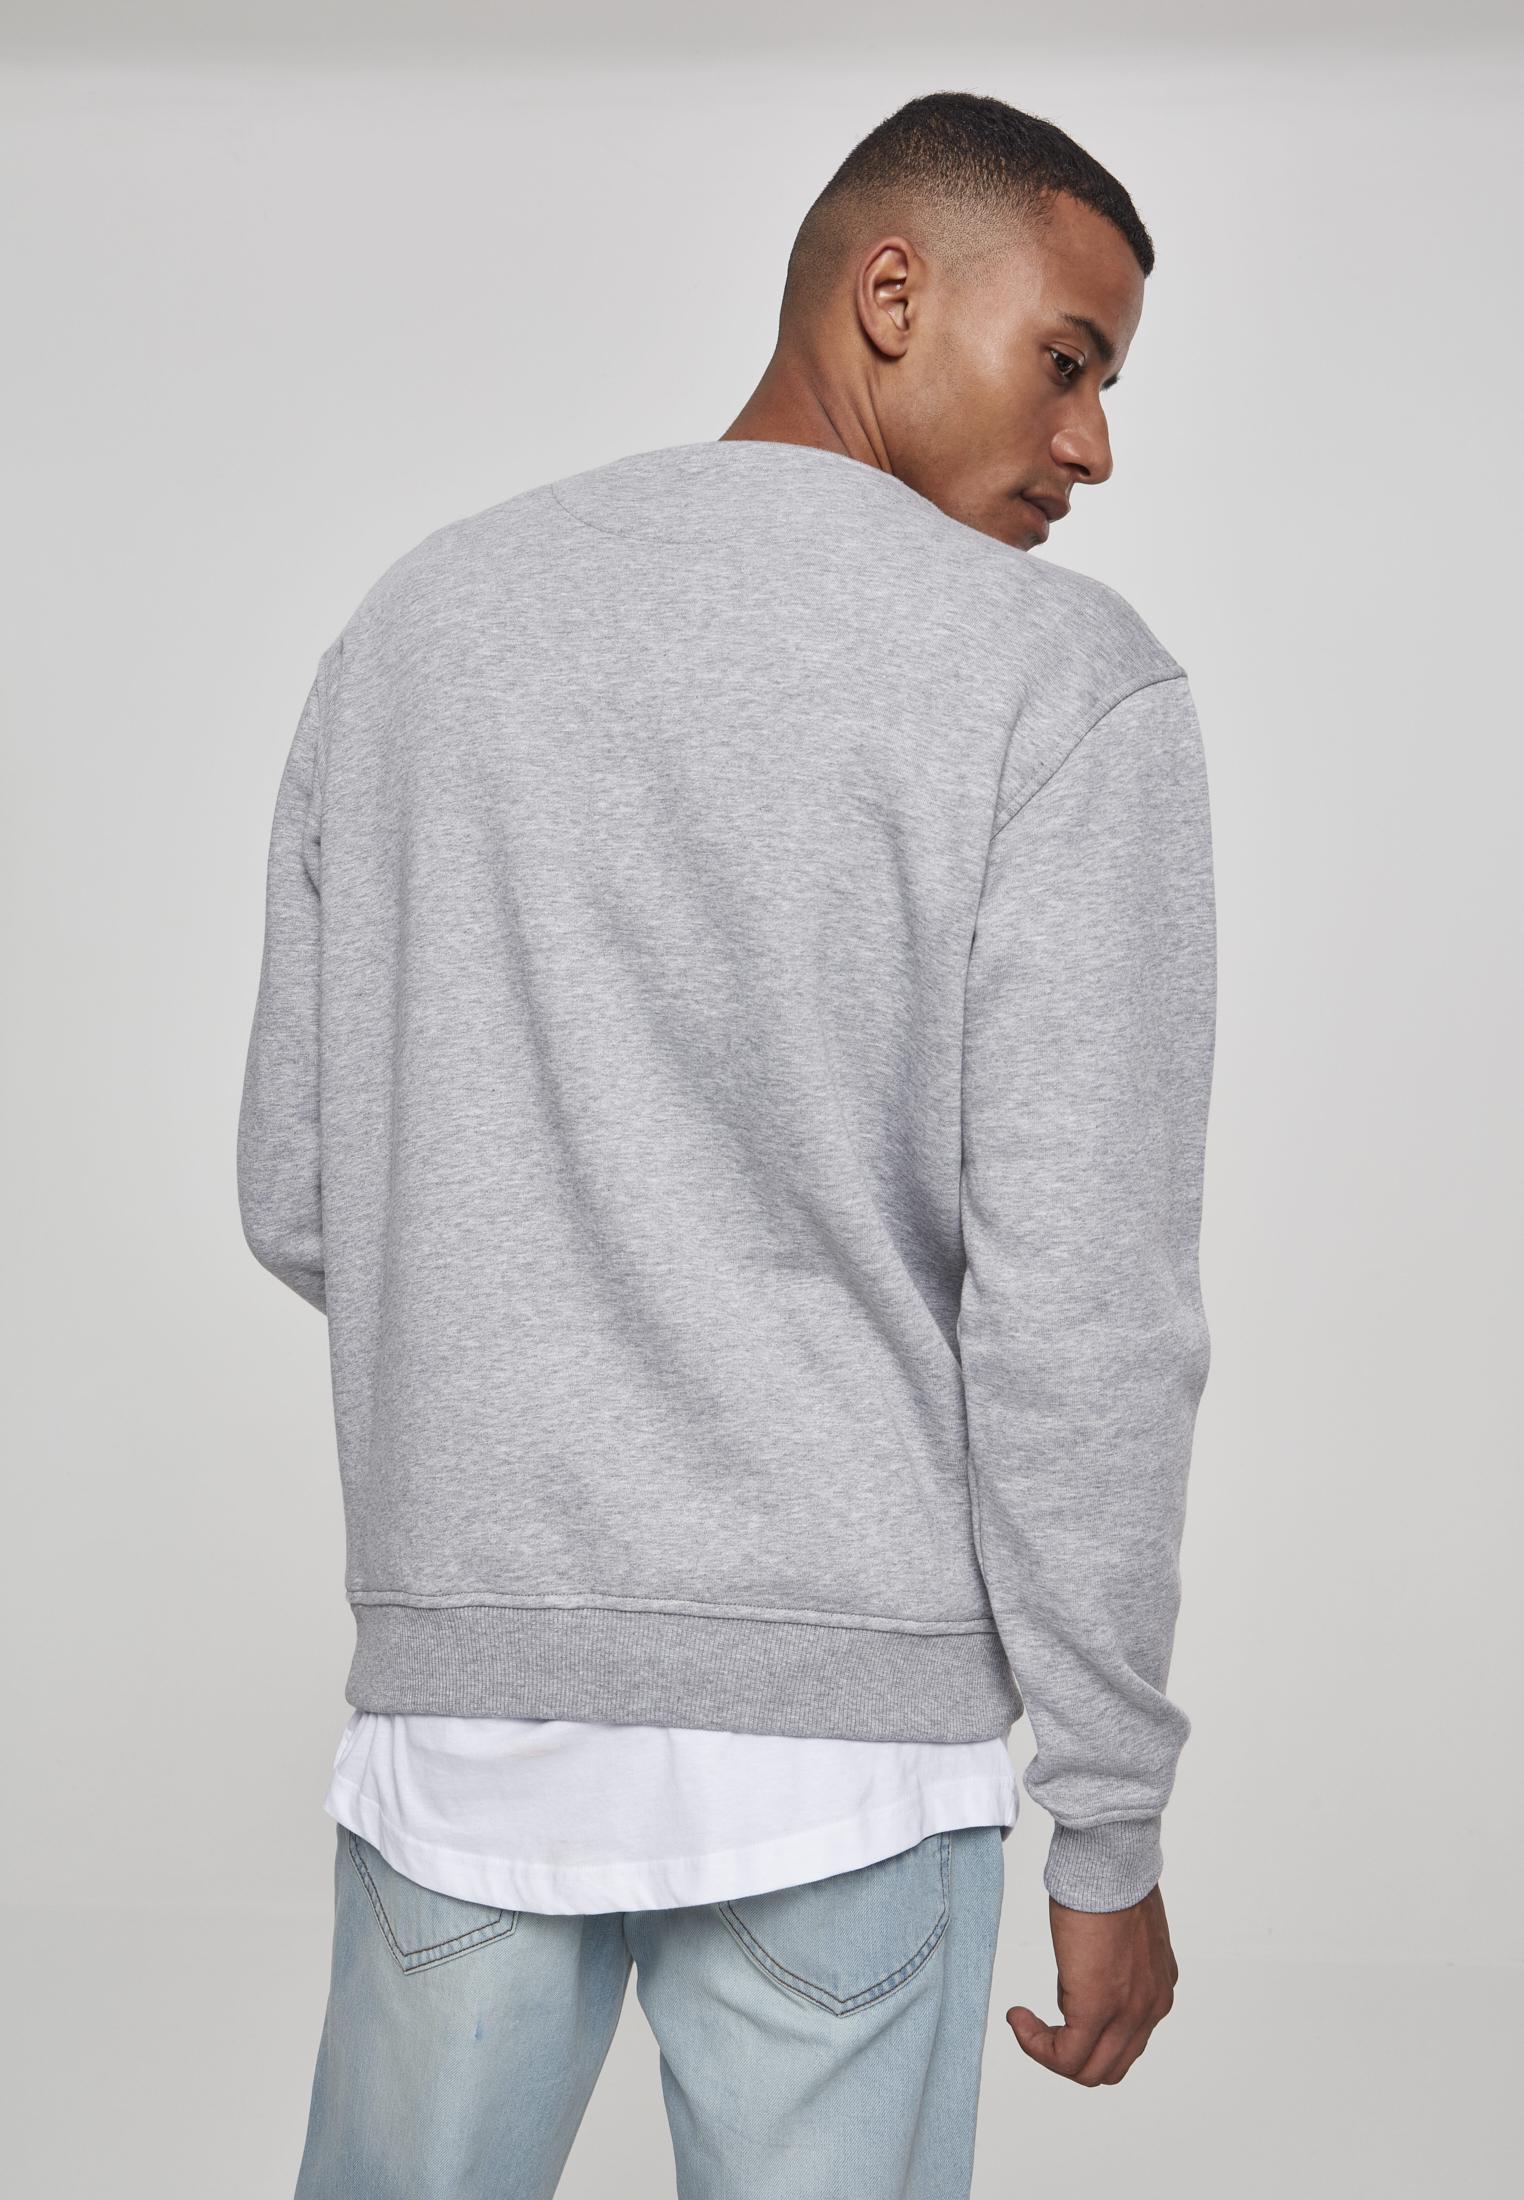 Urban Classics Herren Sweatshirt Pullover Sweater Crewneck Sweatshirt